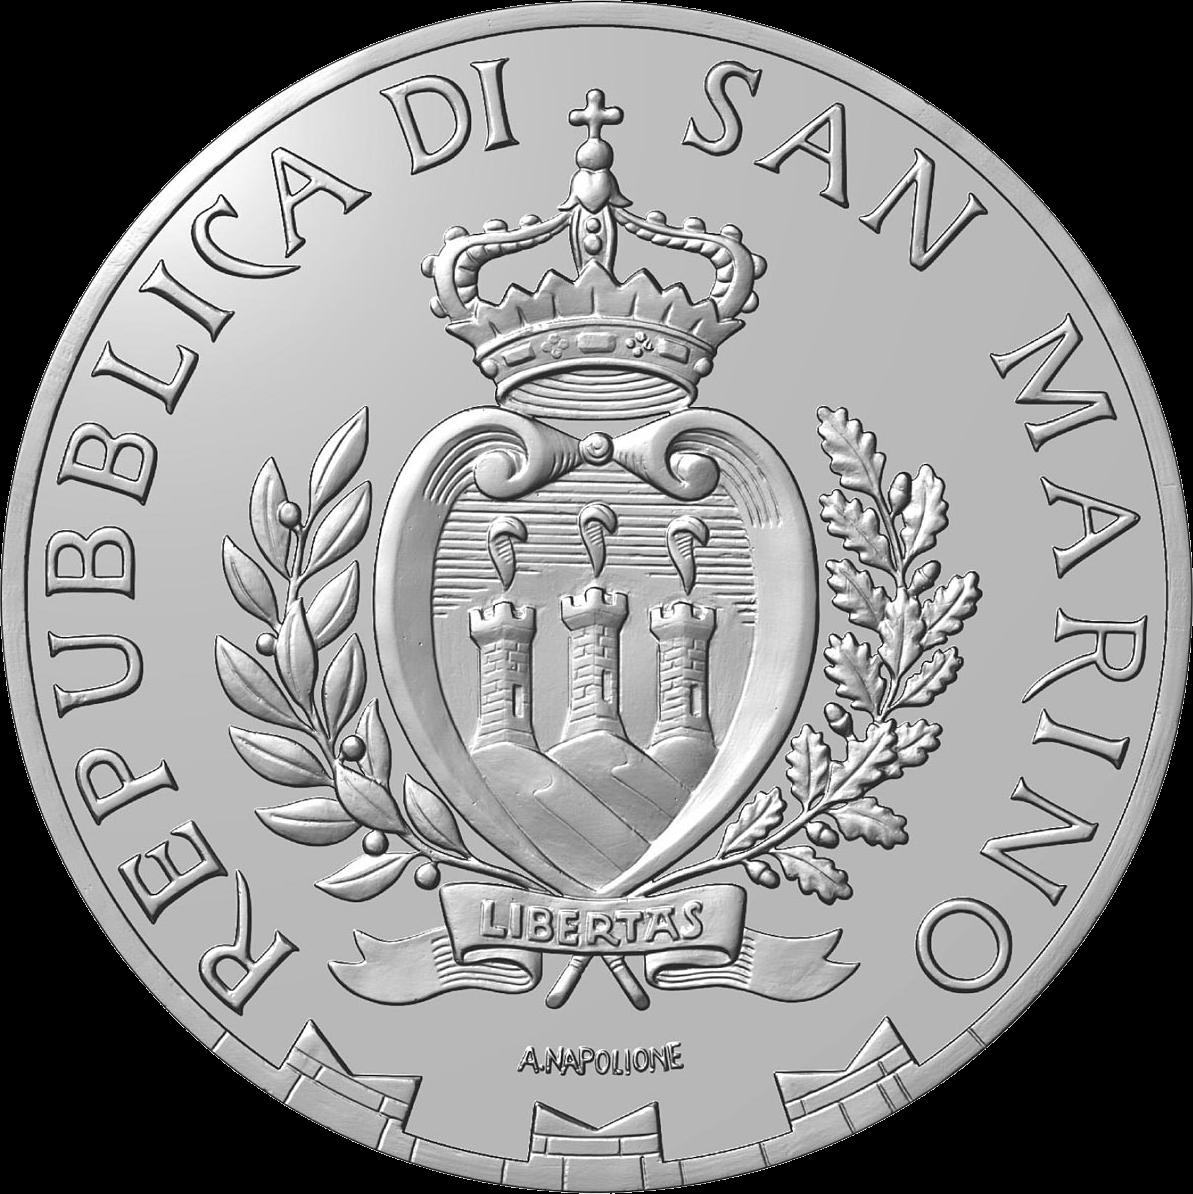 Сан-Марино монета 10 евро 2020 года, аверс